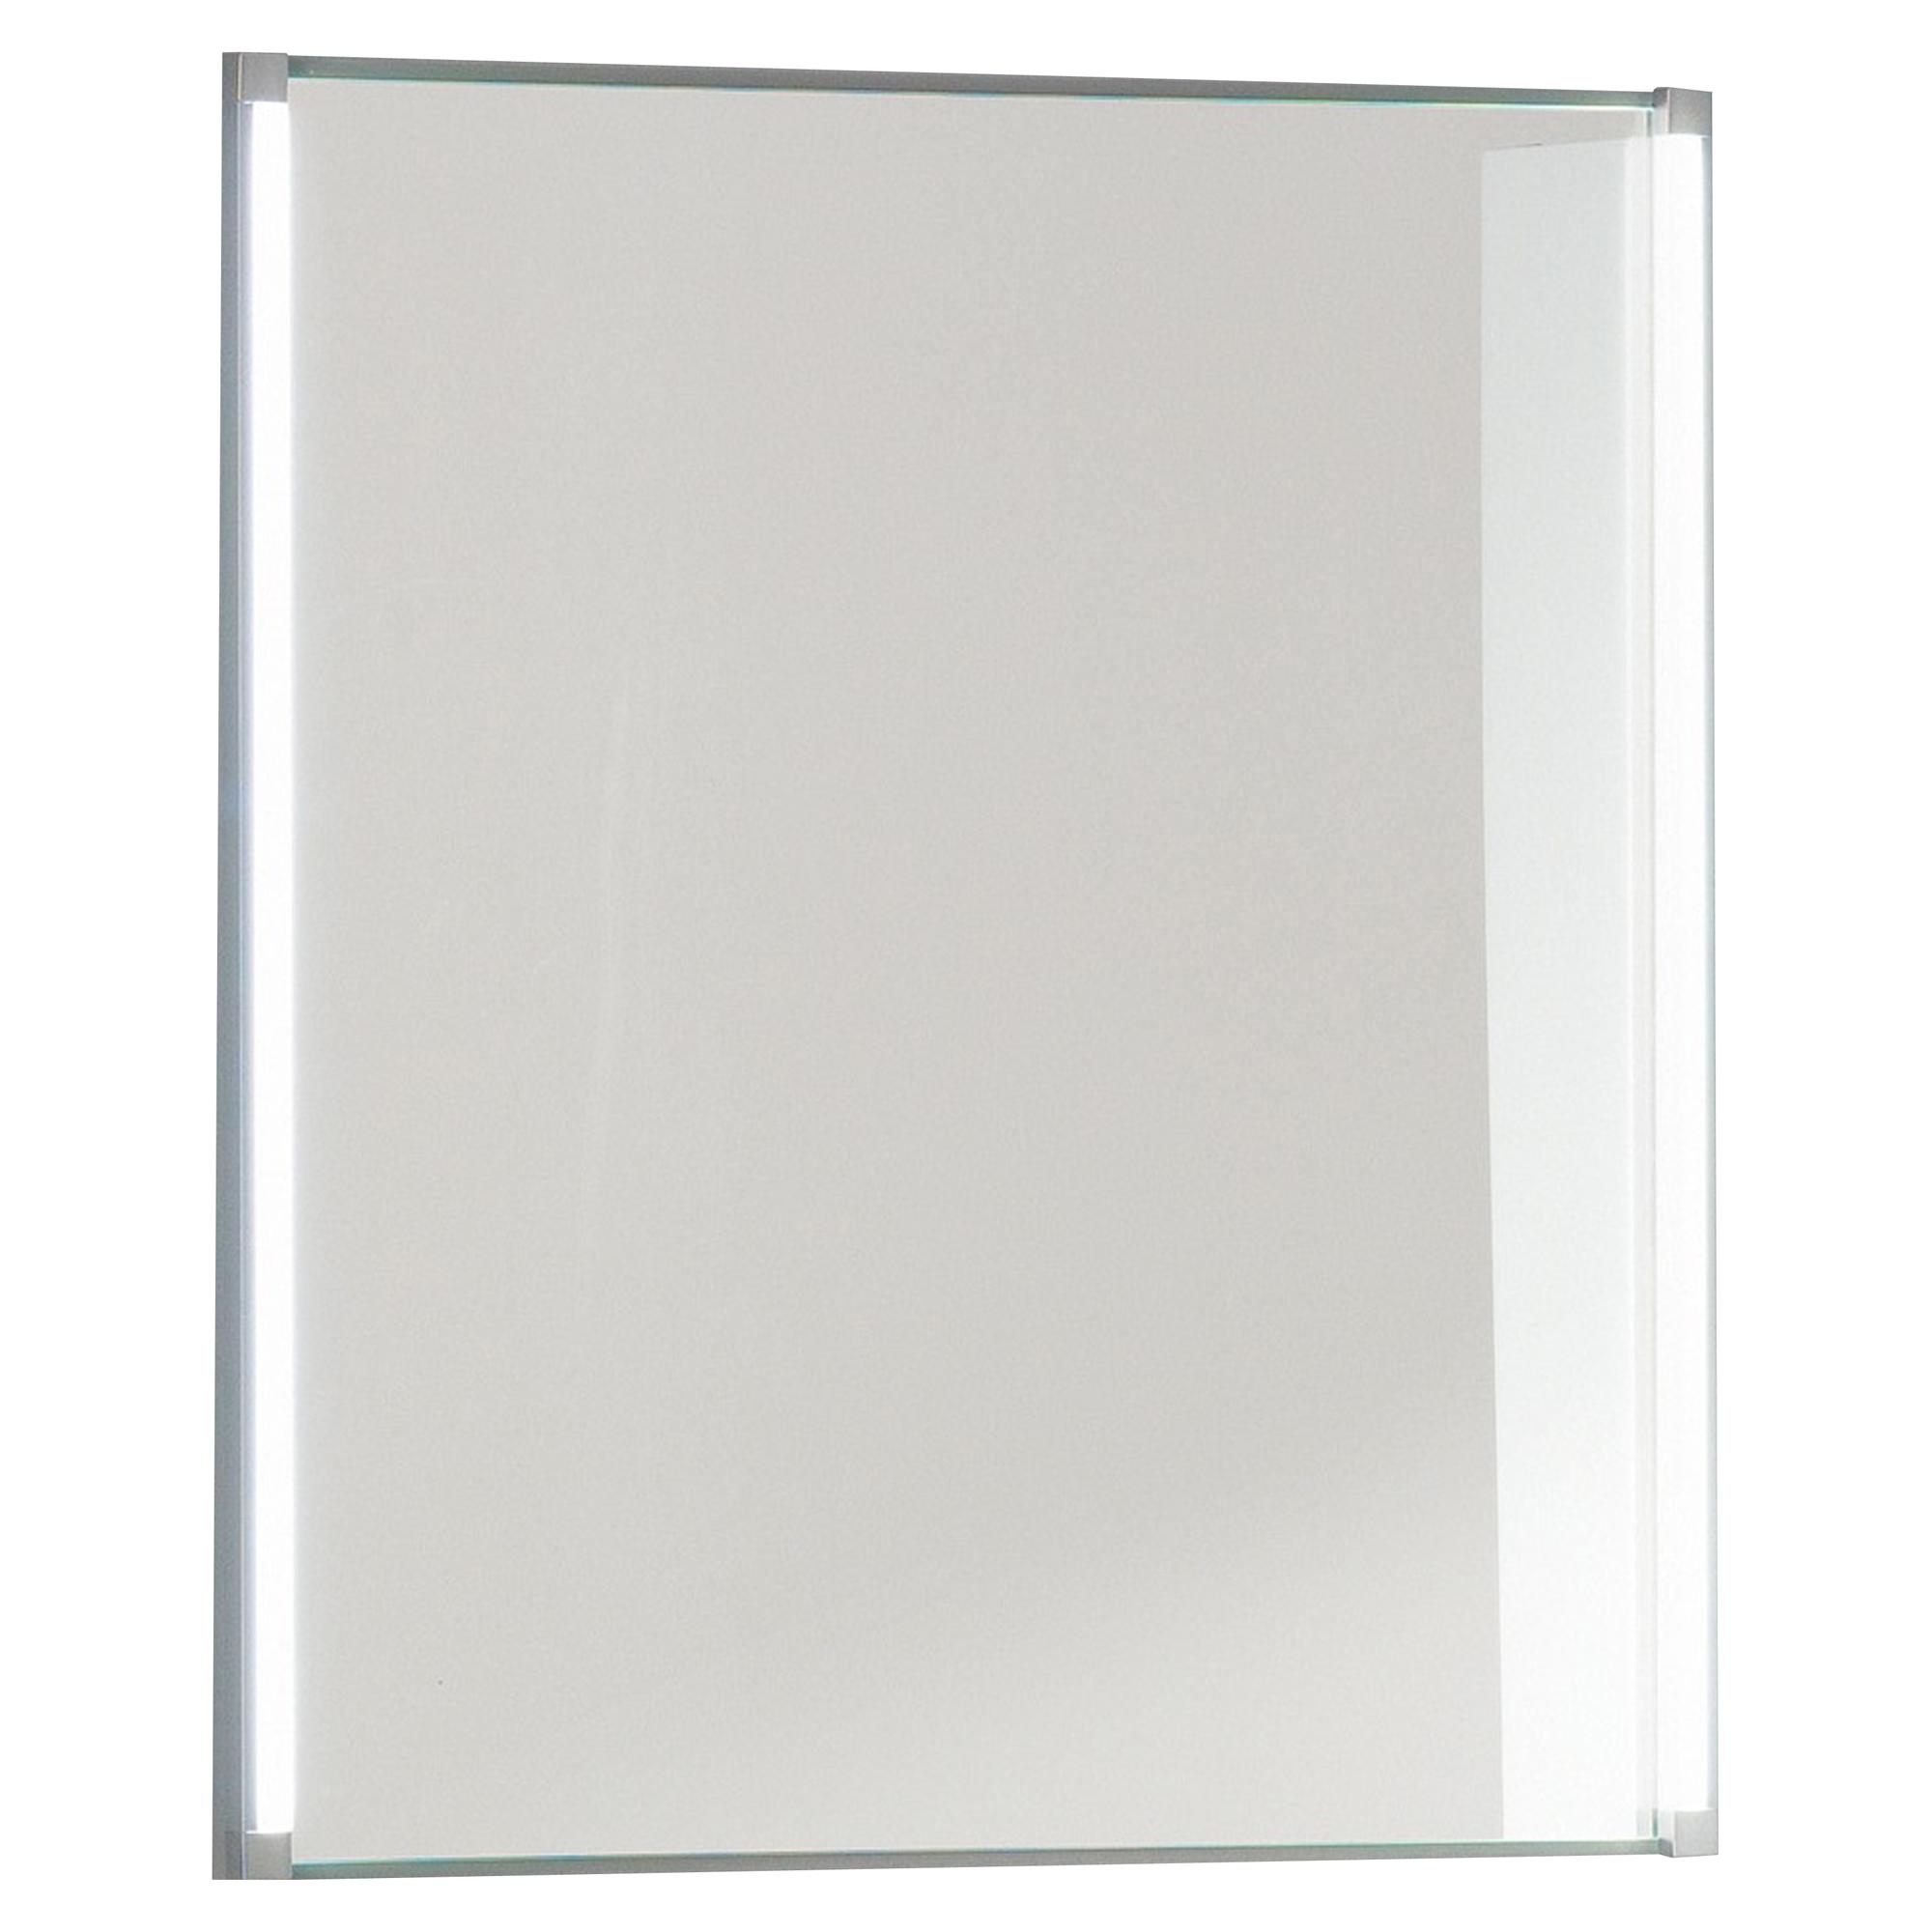 Fackelmann Spiegelelement Led Line 60 X 67 X 4 Cm ǀ Toom Baumarkt